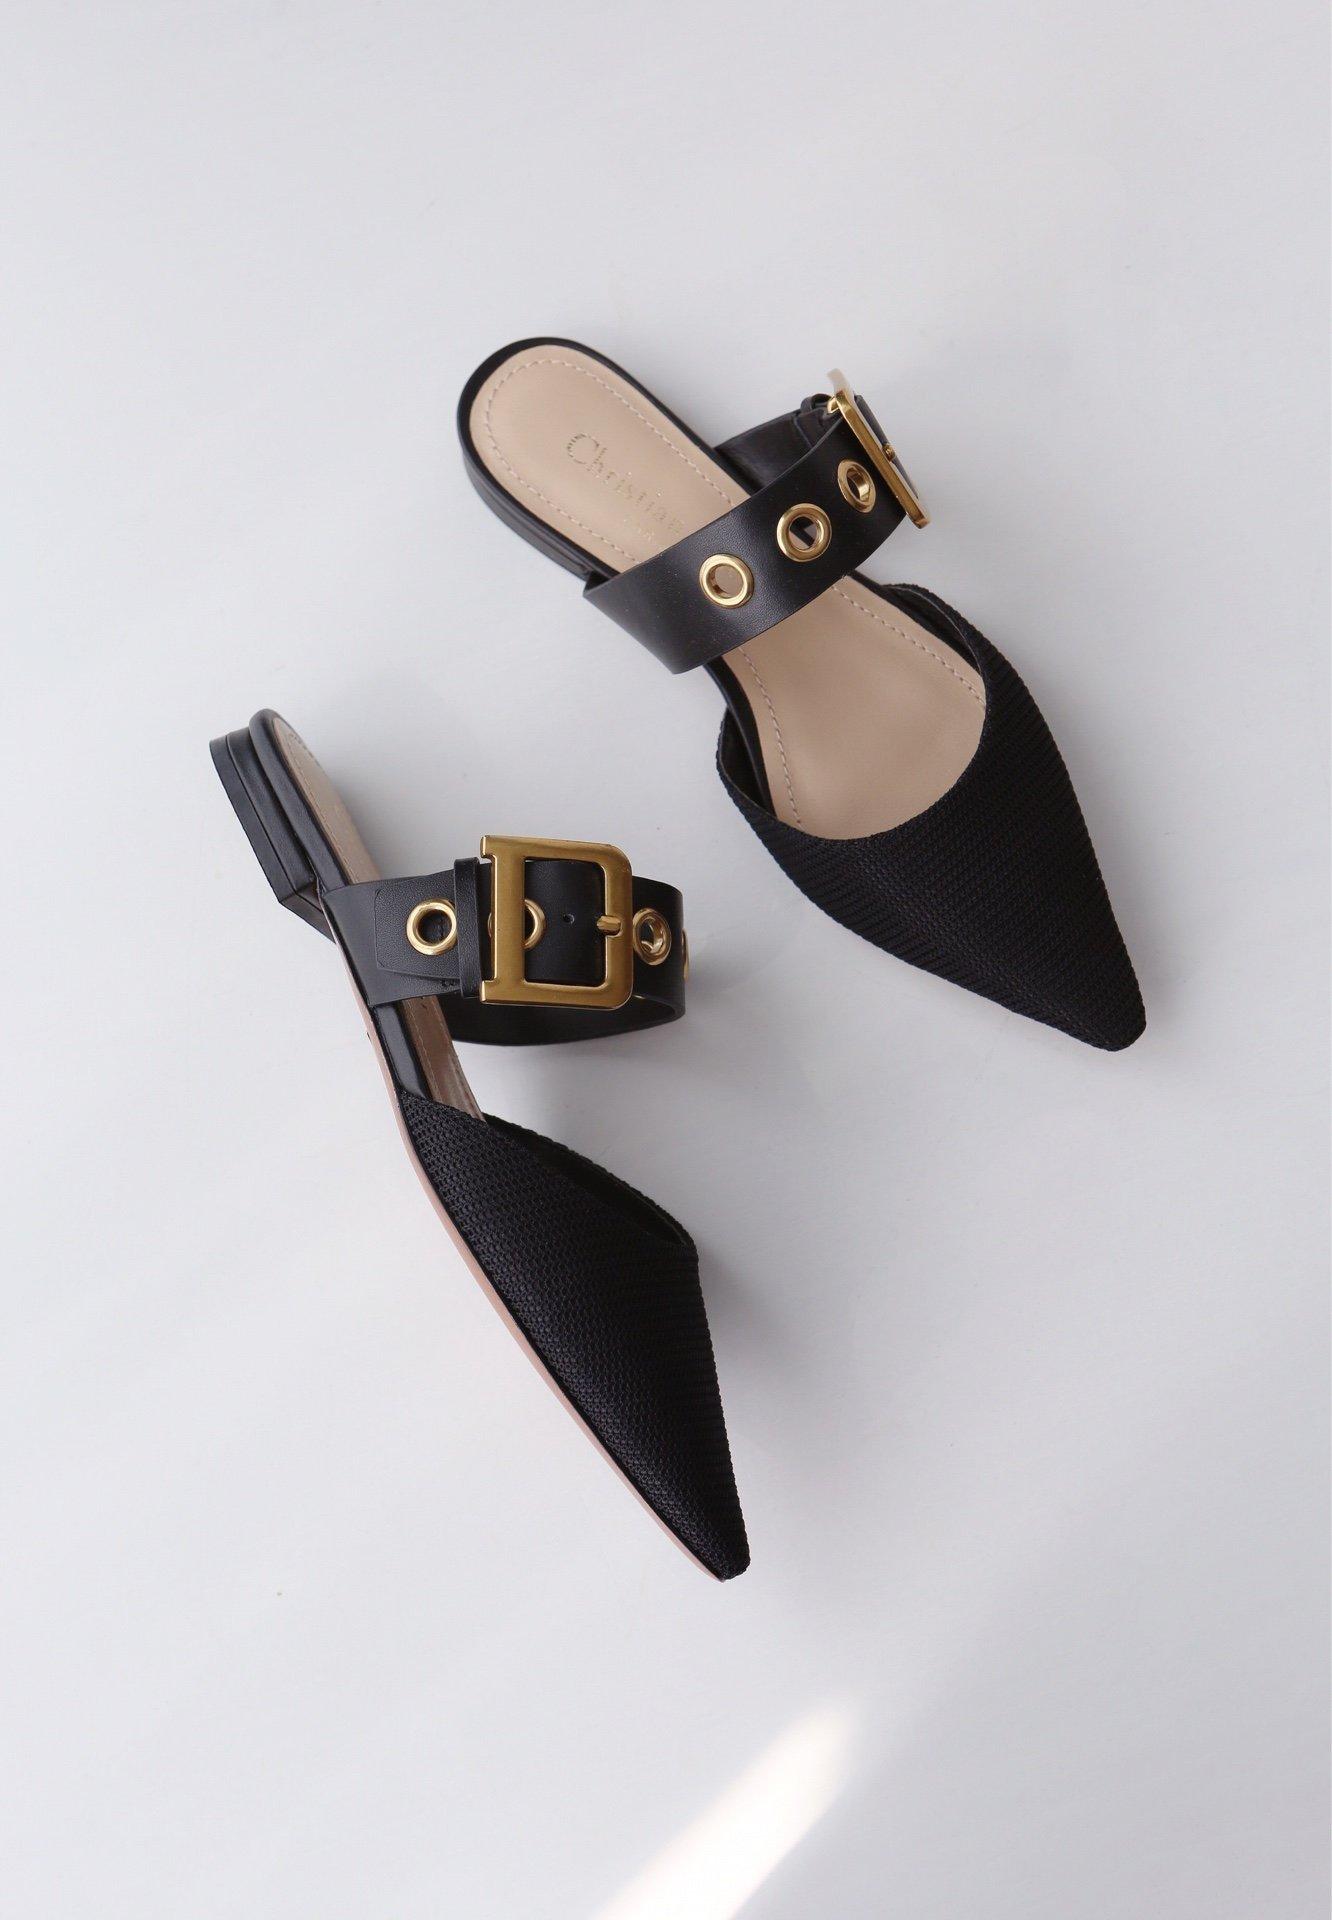 Dior 19ss新款尖头平底高跟拖鞋 顶级代购品质(图6)